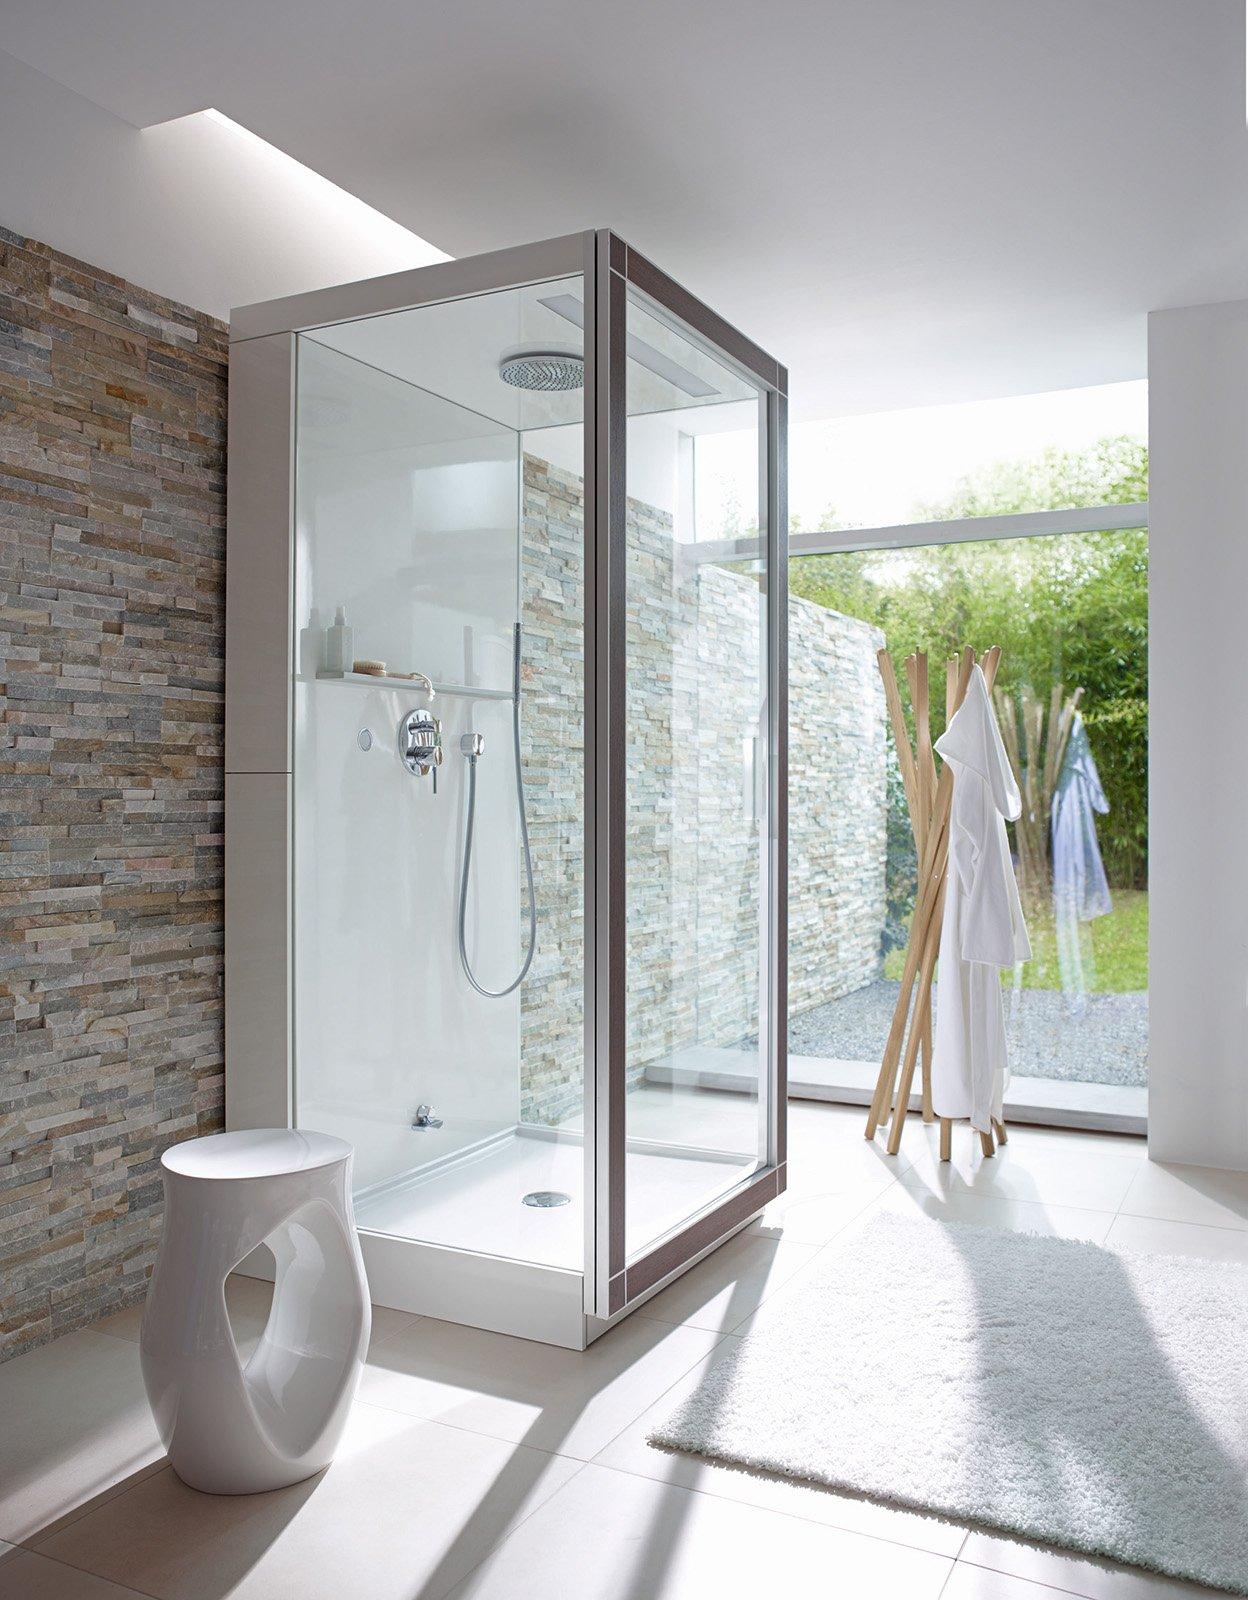 Bagno idromassaggio in vasca o doccia per un benessere - Bagno doccia vasca ...